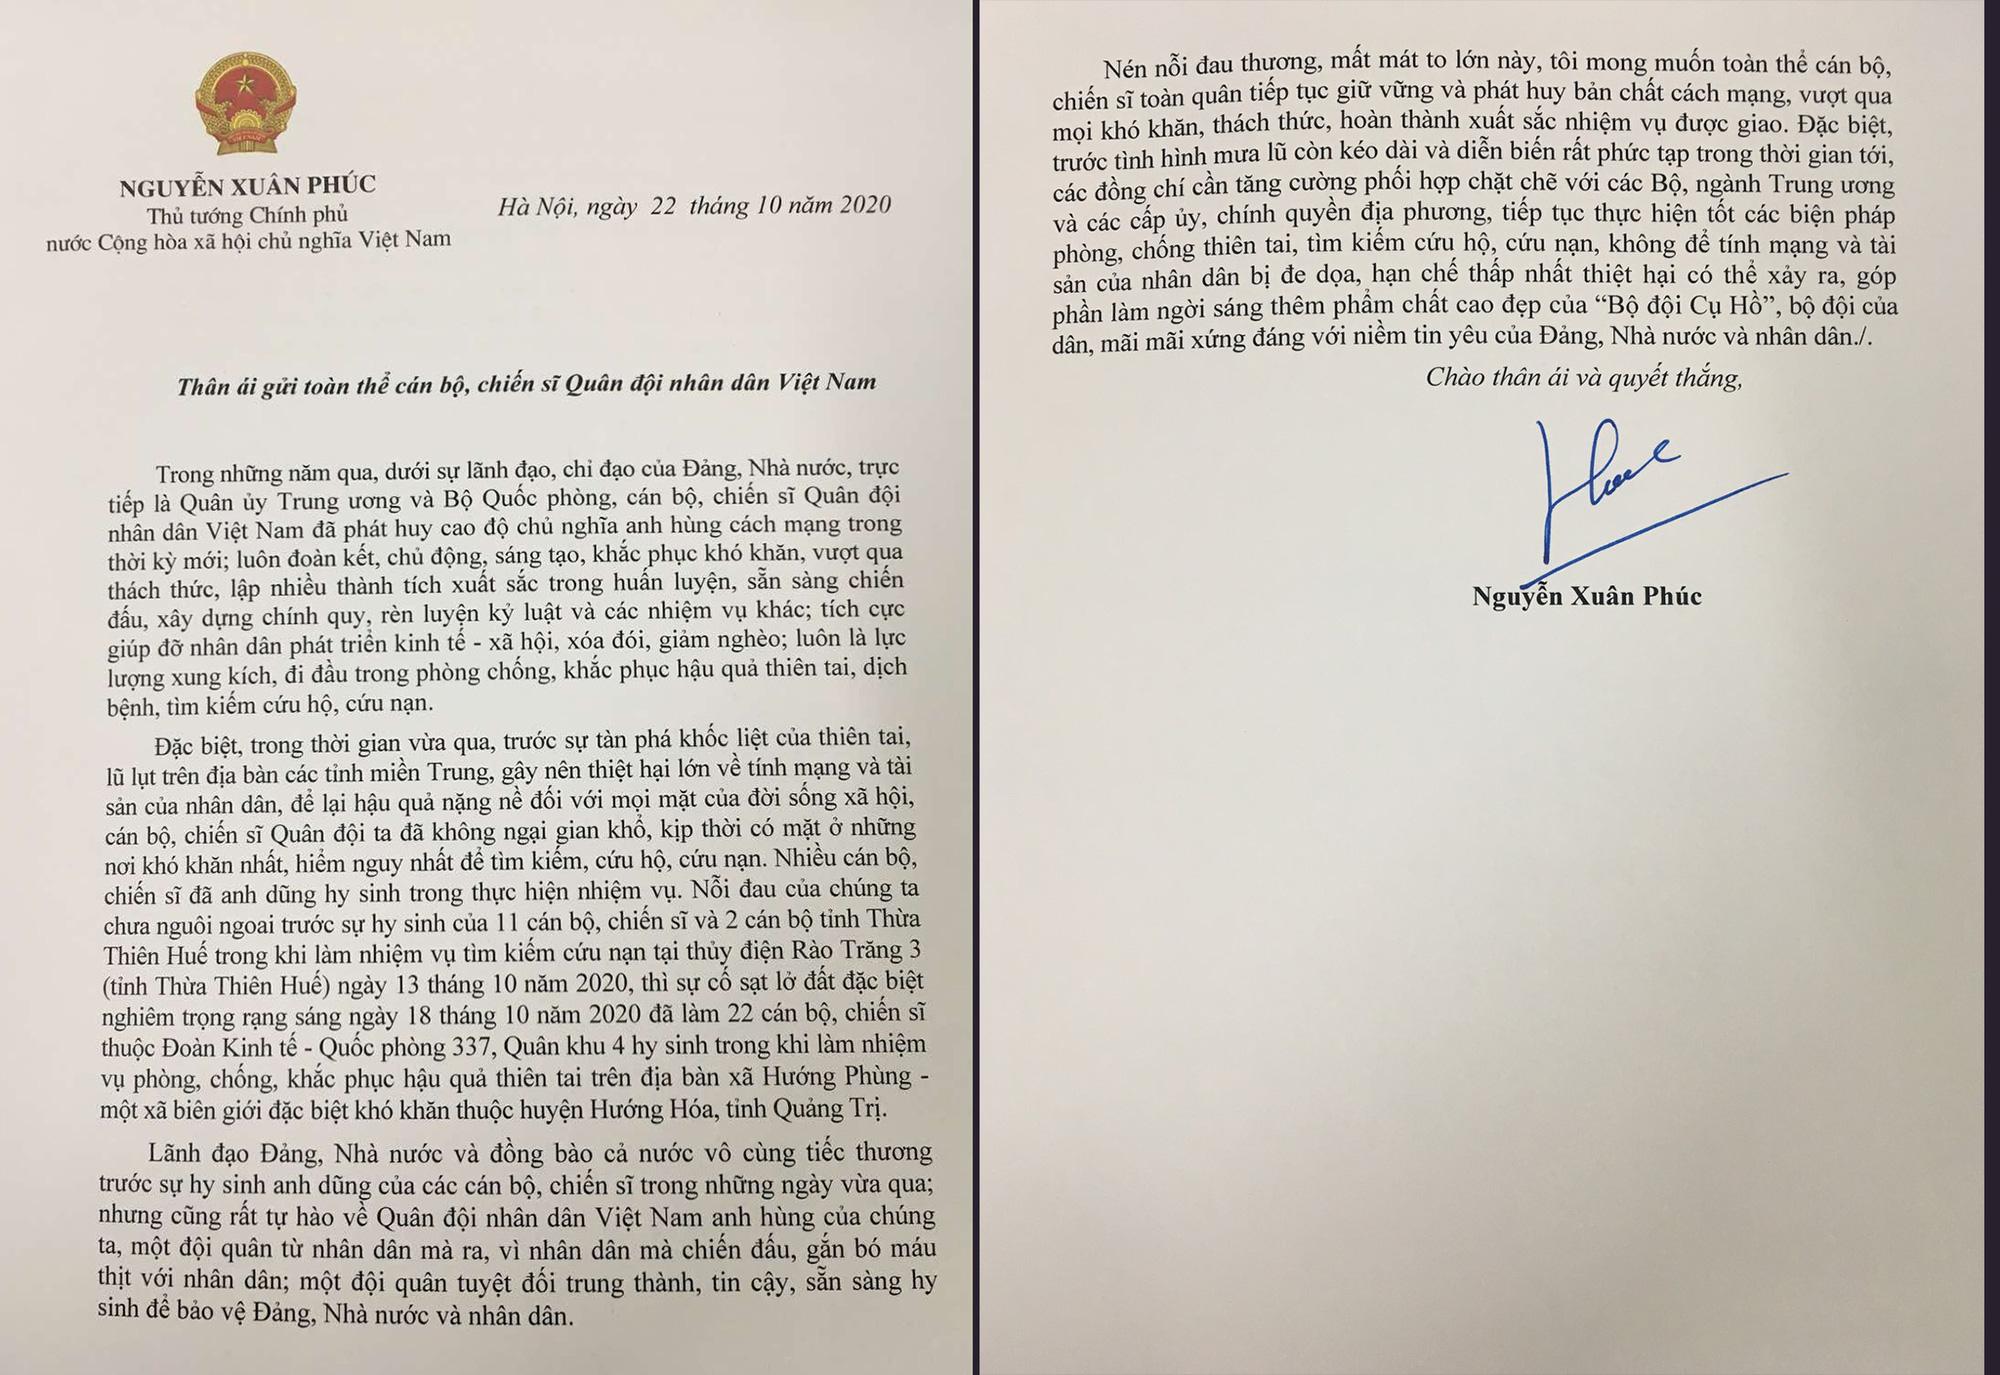 Thủ tướng gửi thư cho QĐND VIệt Nam: Hãy nén đau thương, vượt khó khăn, hoàn thành xuất sắc nhiệm vụ - Ảnh 1.